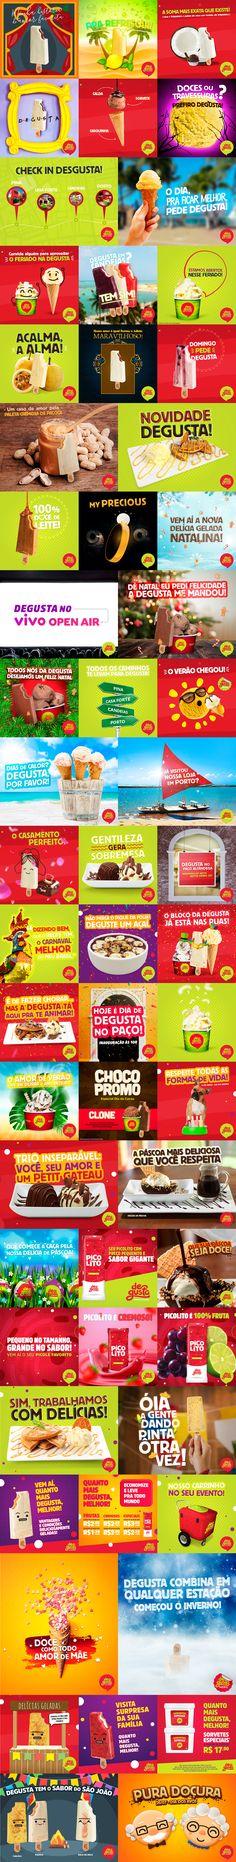 Degusta   Social Media on Behance